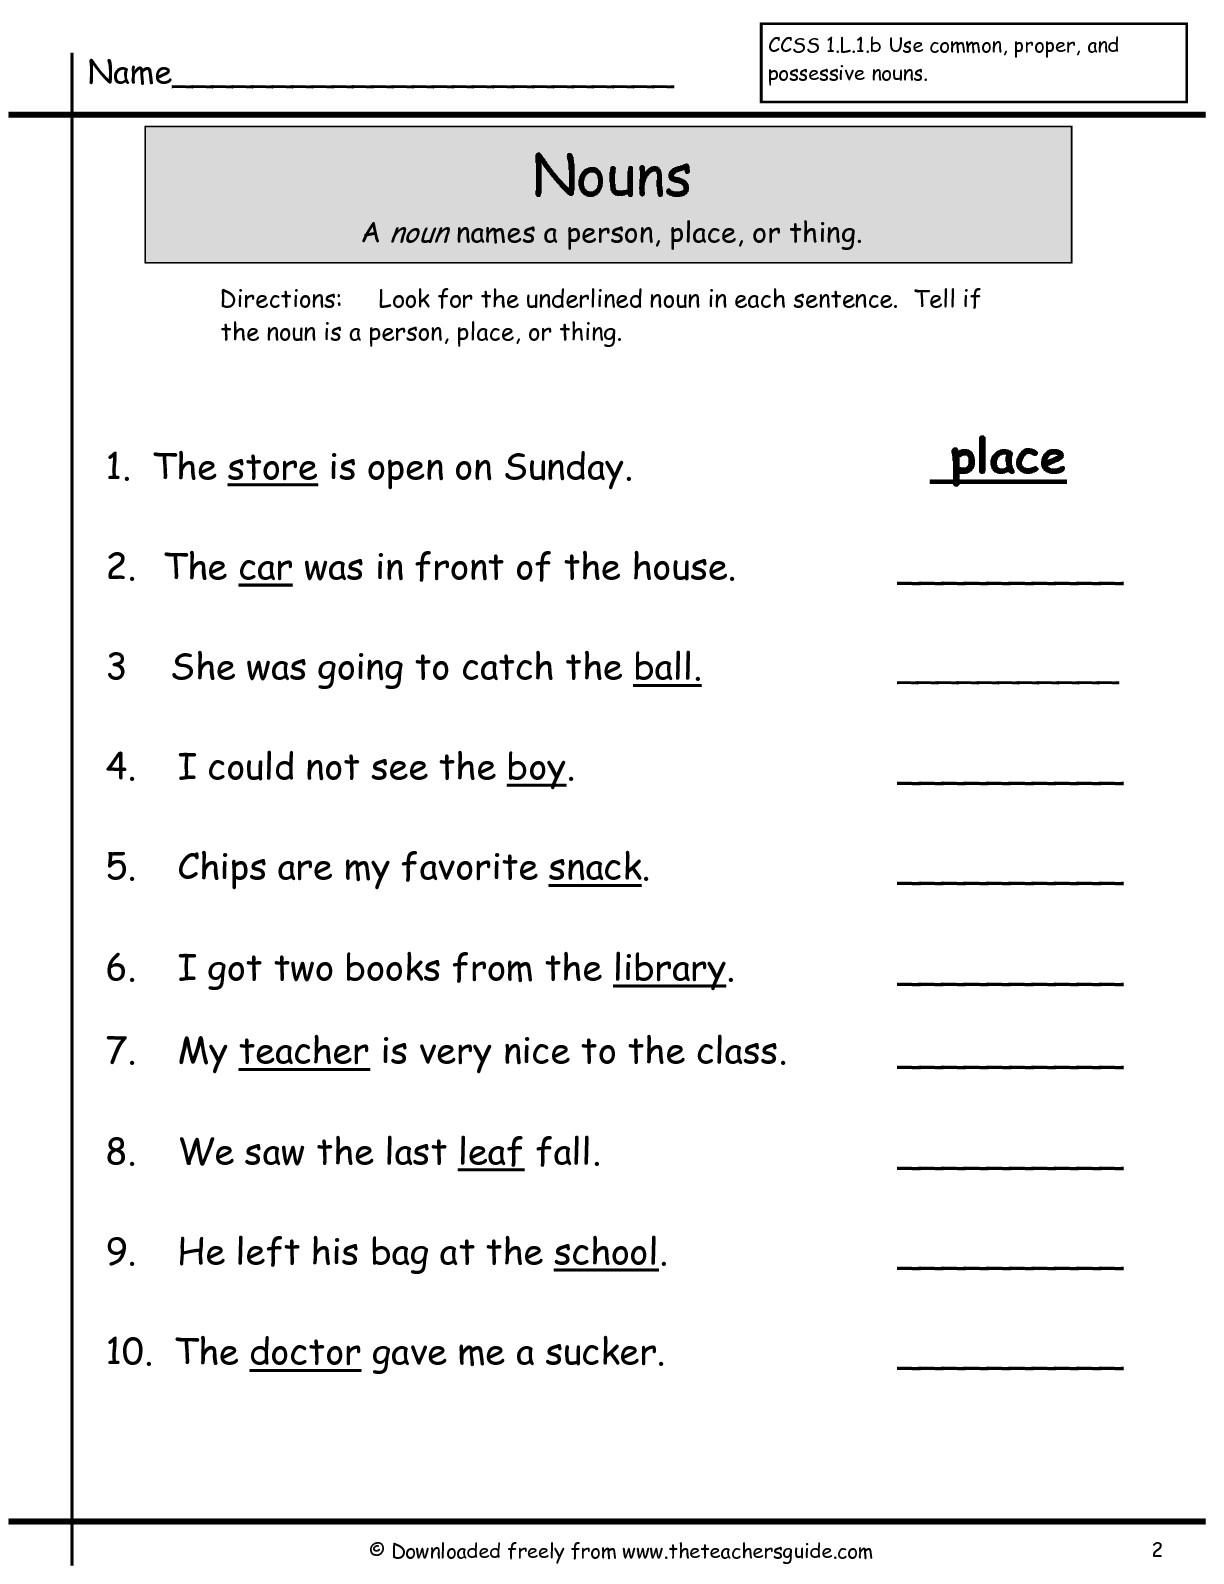 19 Best Images Of First Grade Sentence Worksheet